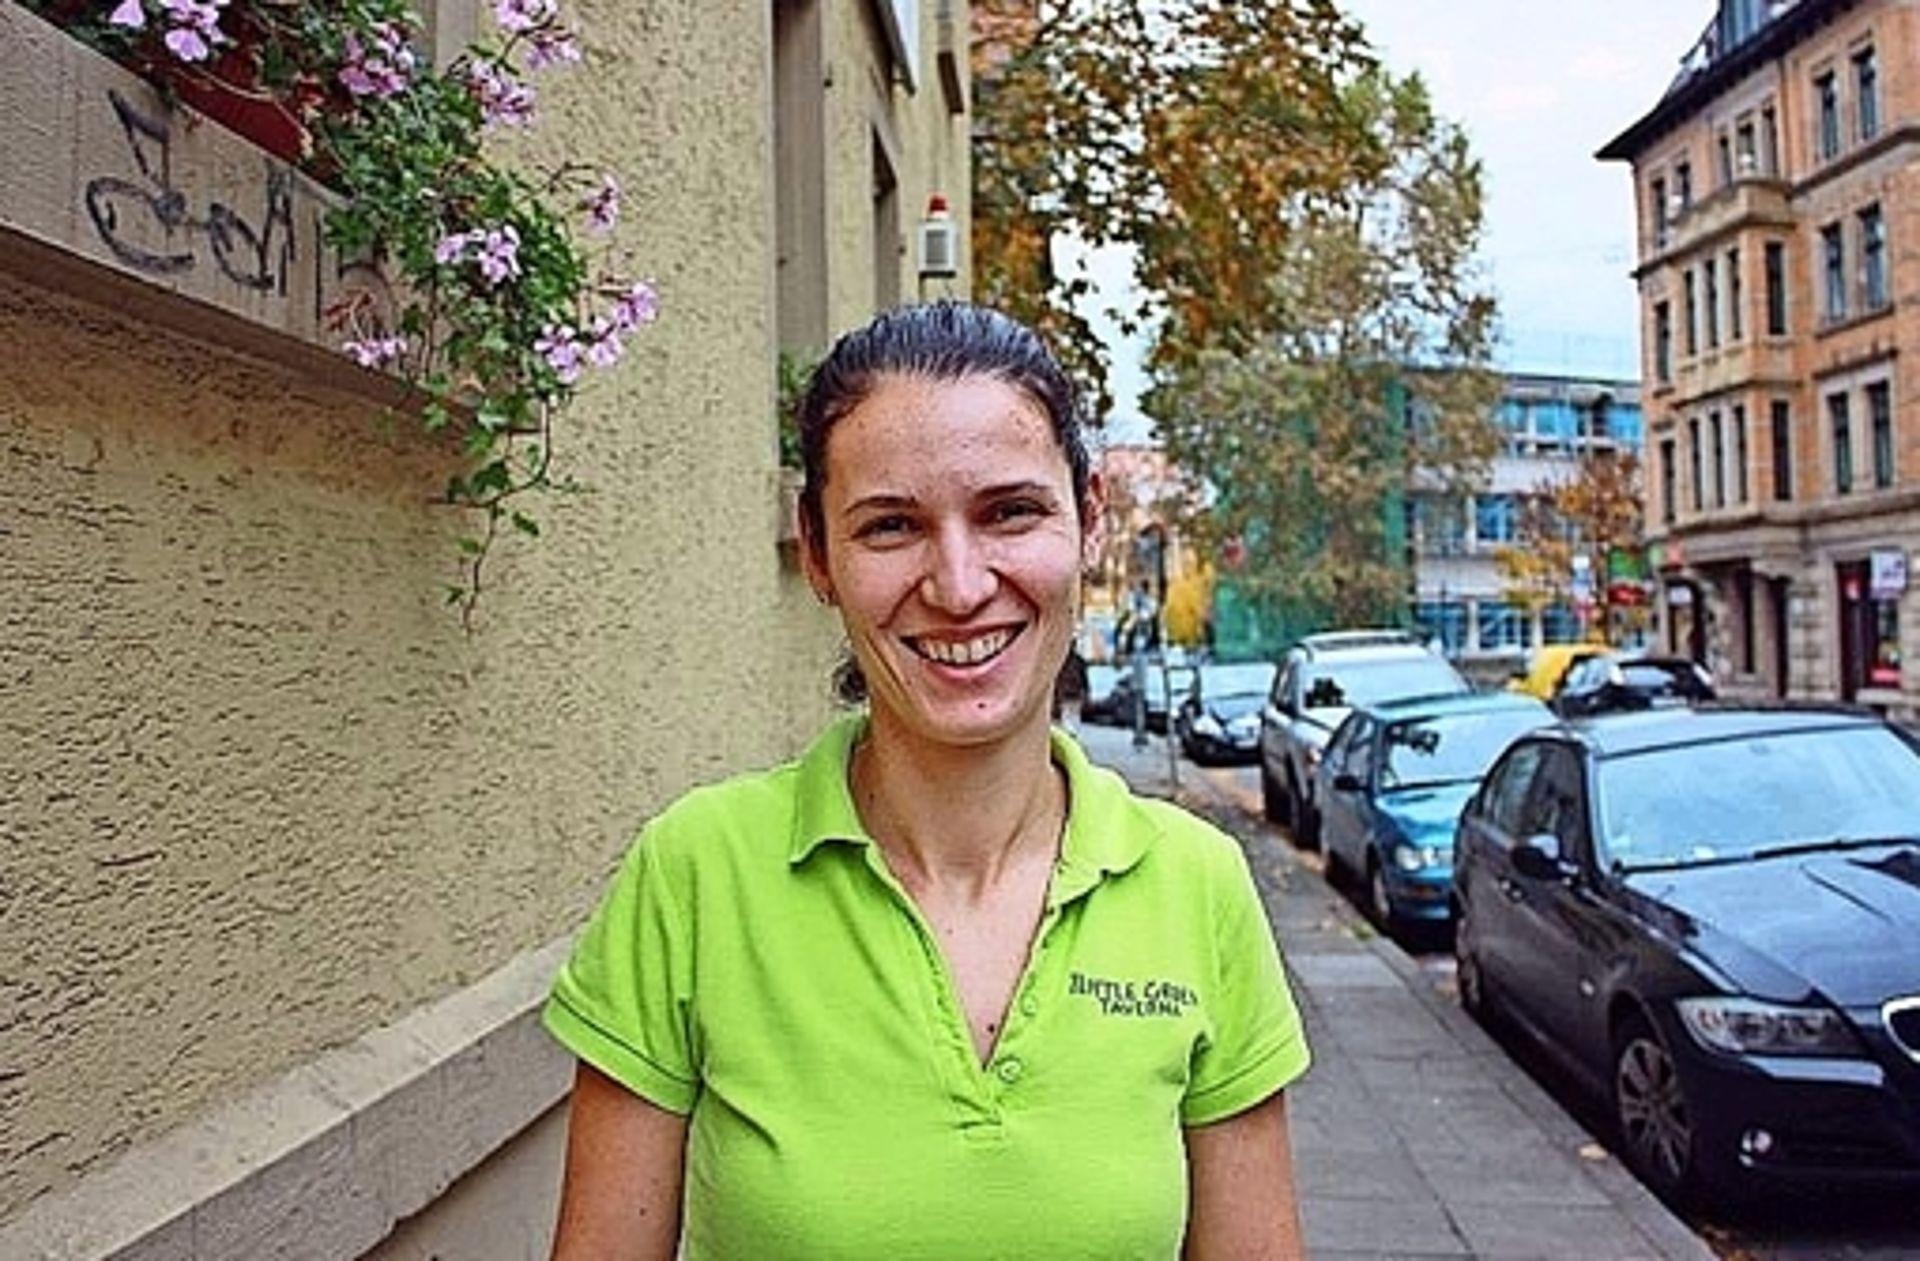 Griechin in Bad Cannstatt: Dialekte haben schlechtes Image